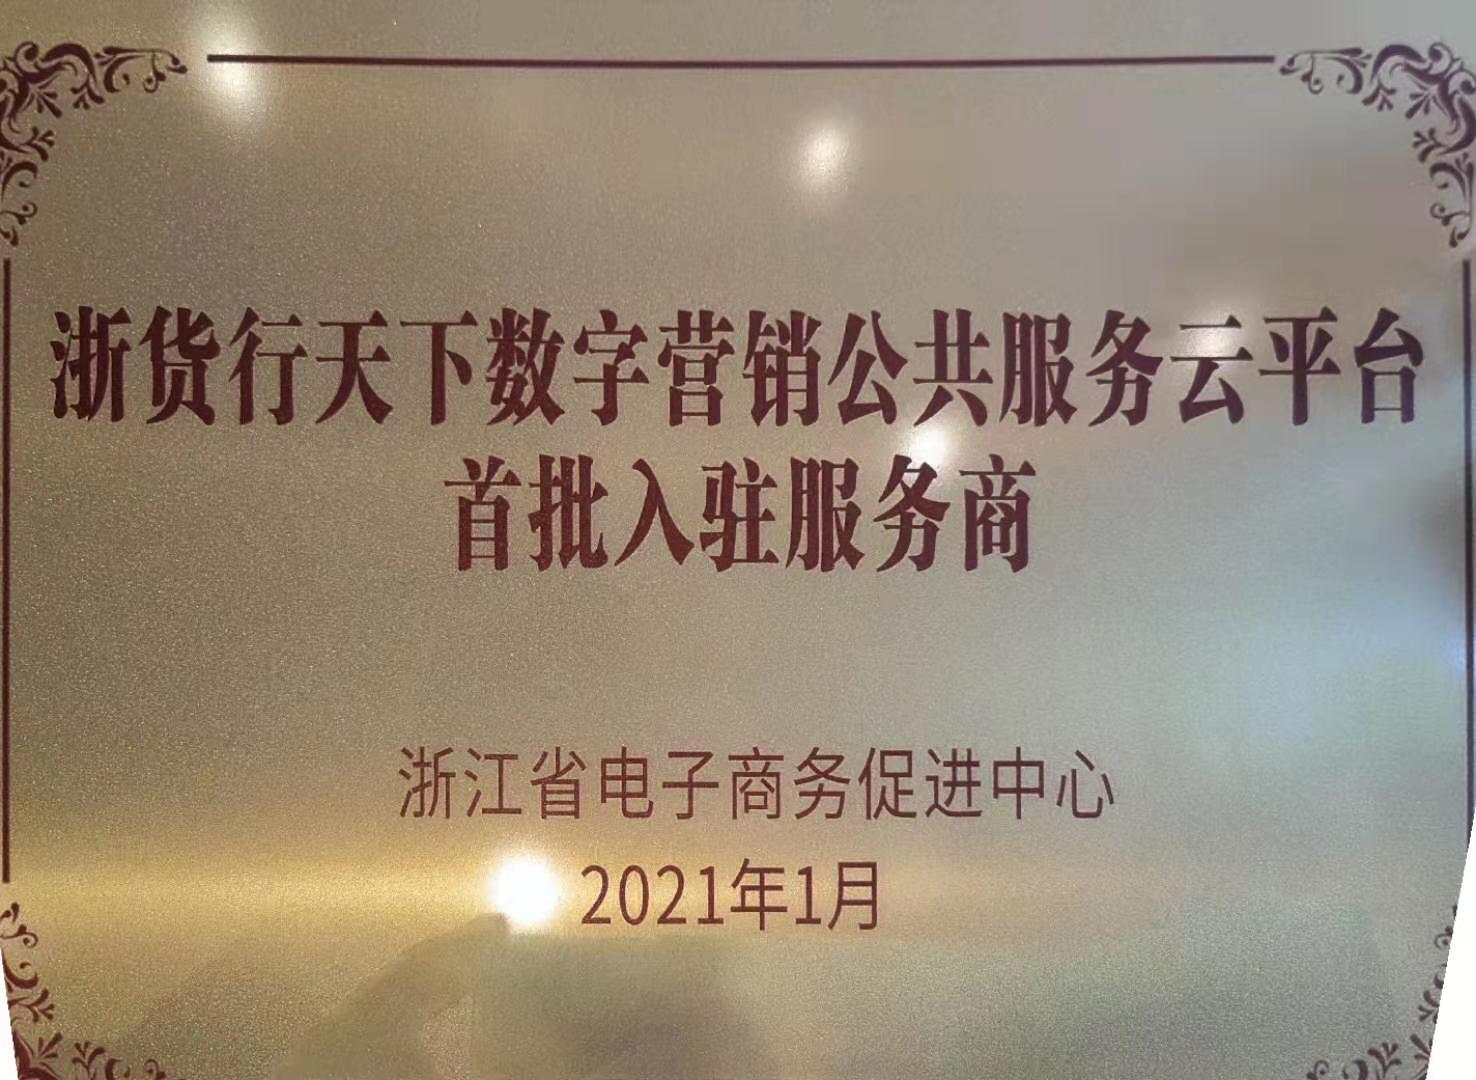 品牌跨境电商独立站成功精华分析